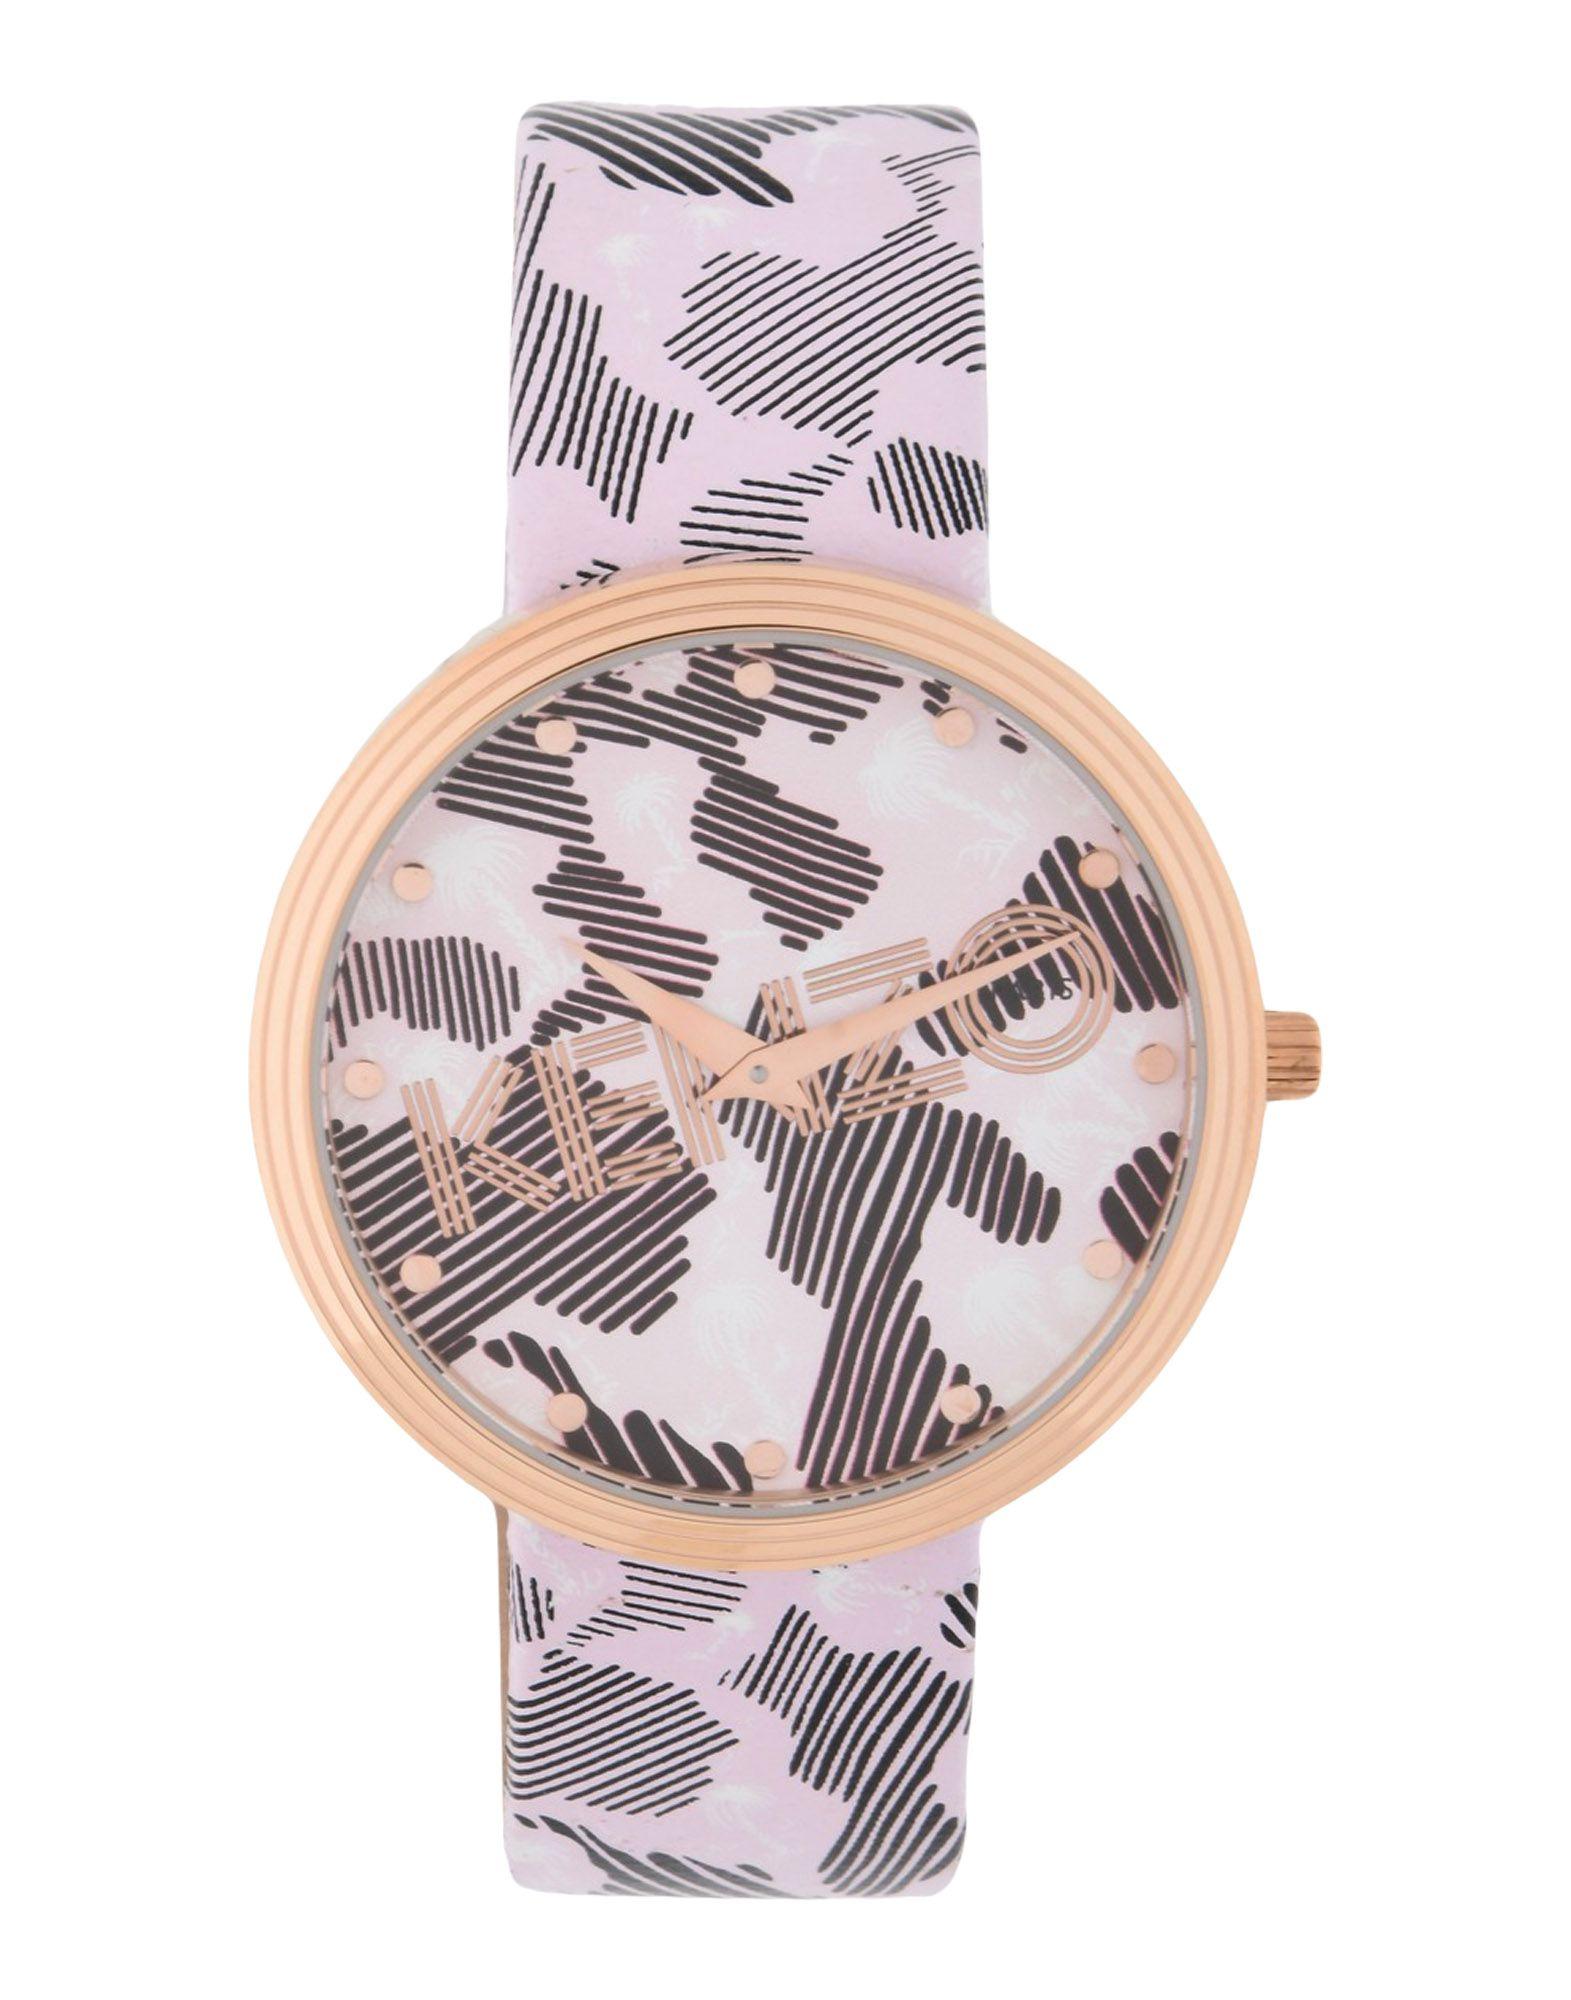 《送料無料》KENZO レディース 腕時計 ライトピンク ステンレススチール / 革 IT-PRINT